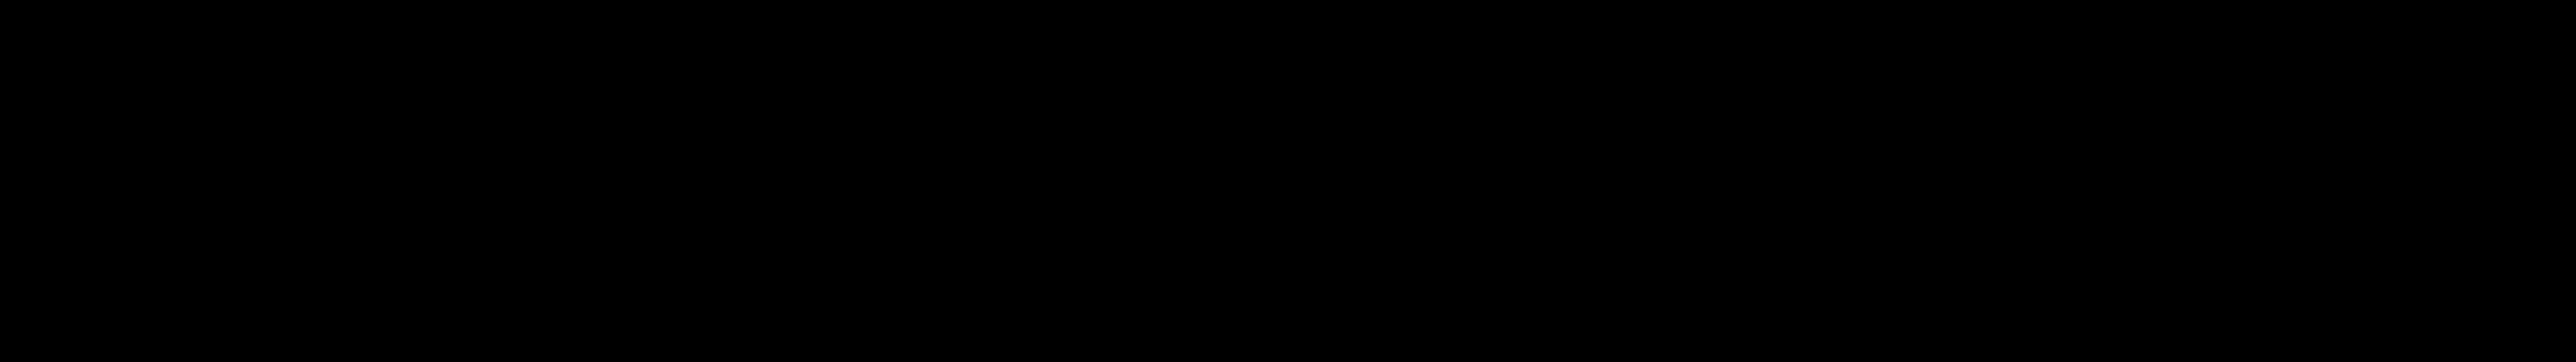 Rondo Vocale